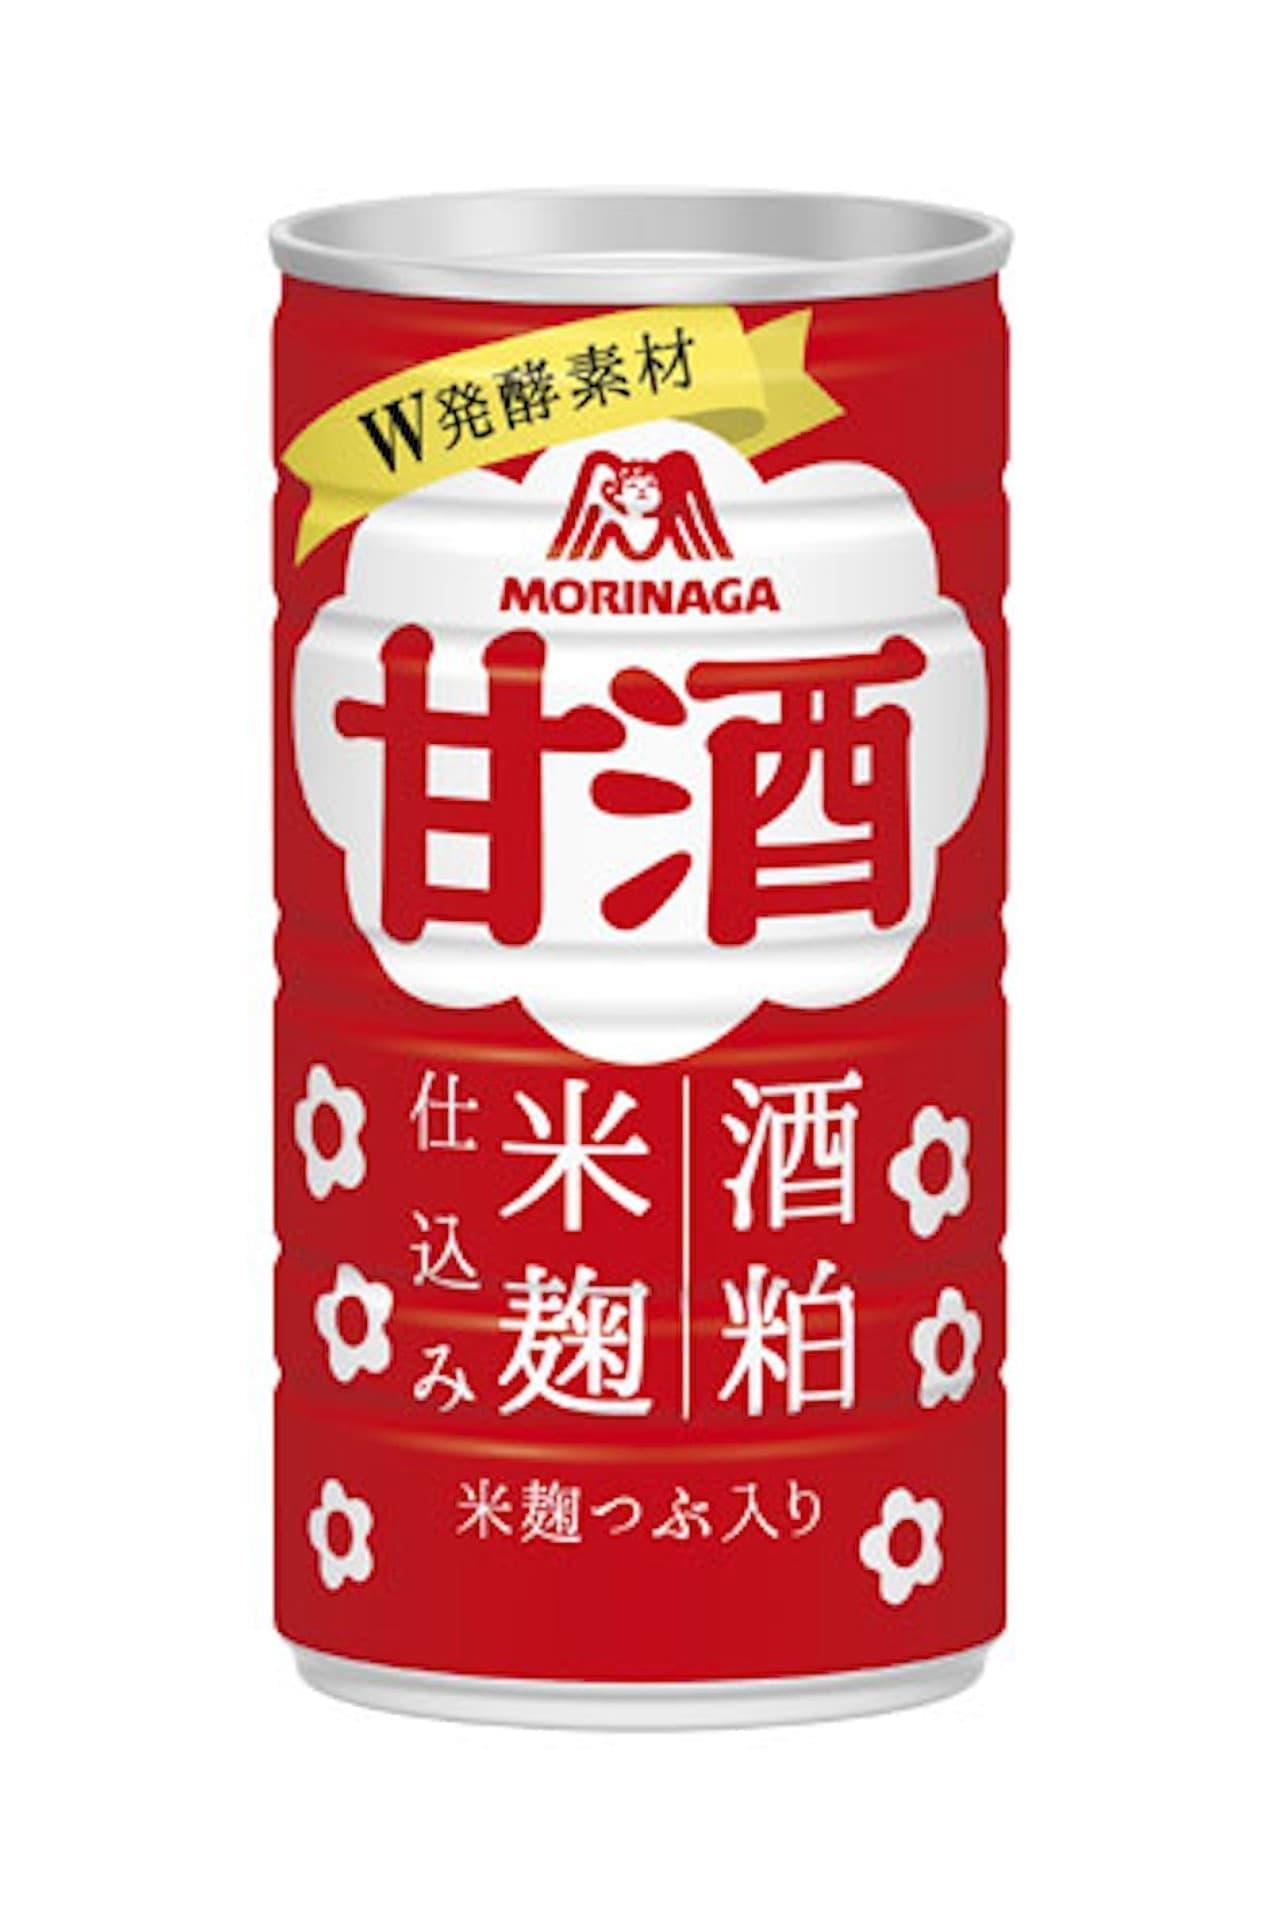 森永甘酒が47年ぶりに衣装替え!パッケージデザインリニューアル